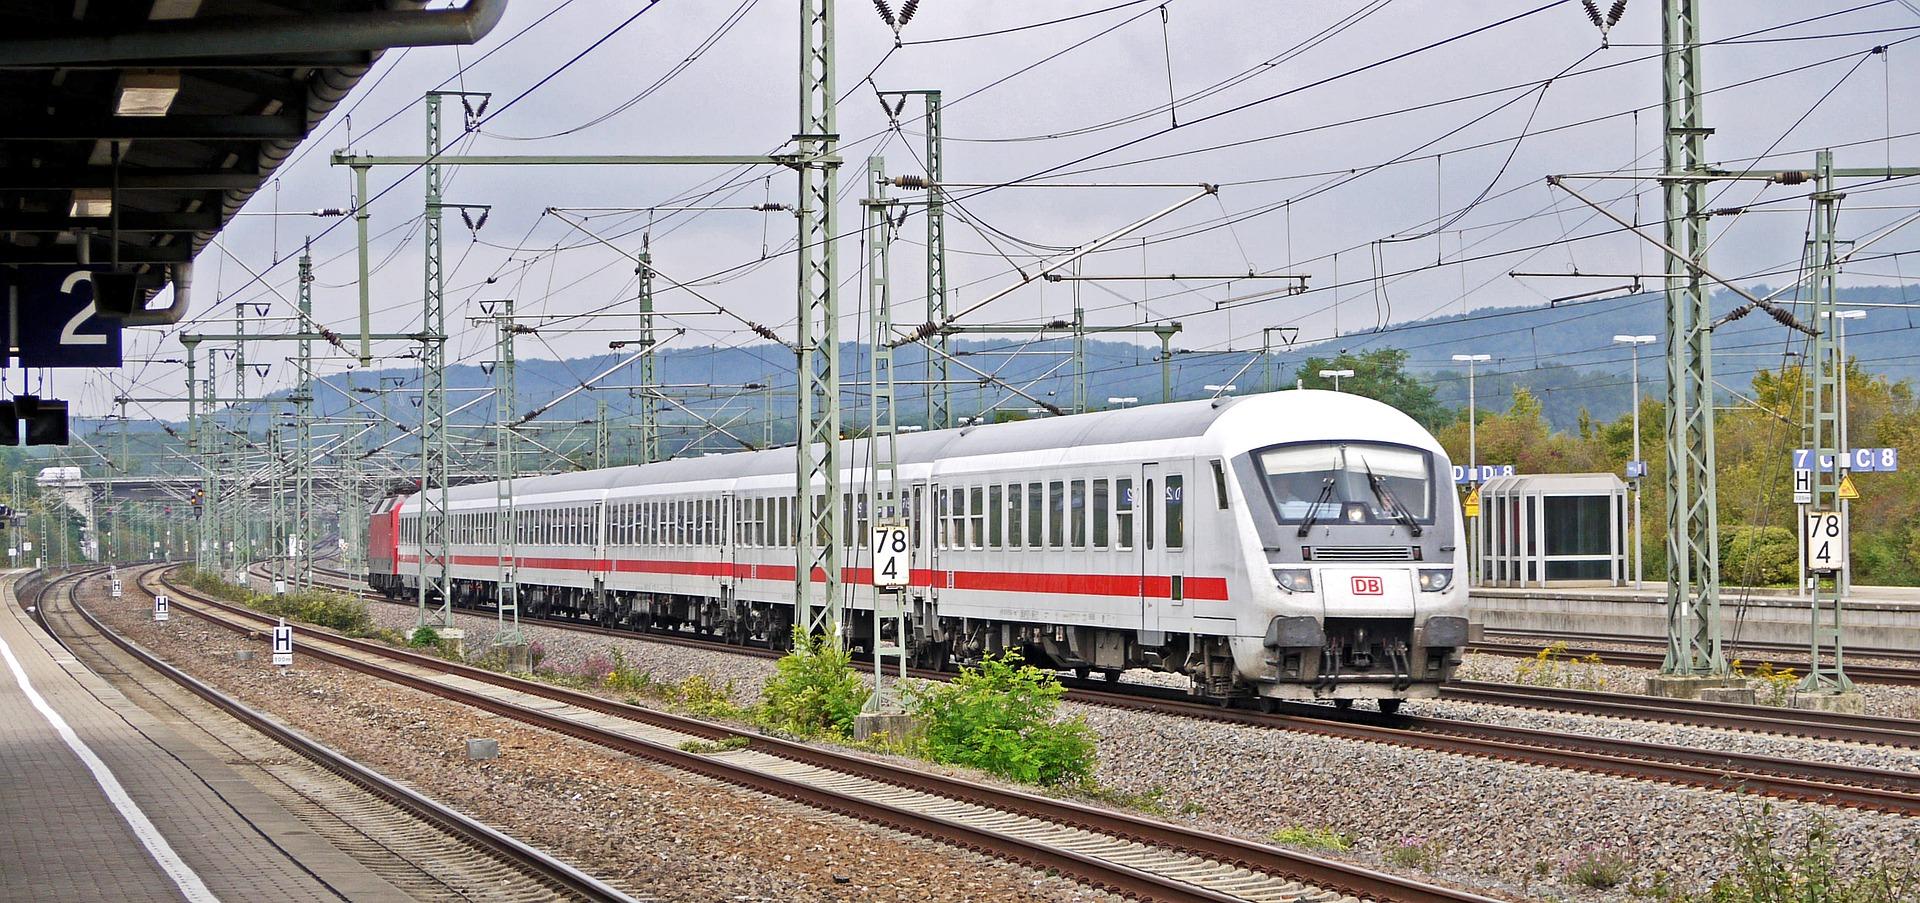 Propaganda Islamske države pronađena uz područje gdje je vandaliziran vlak u Berlinu